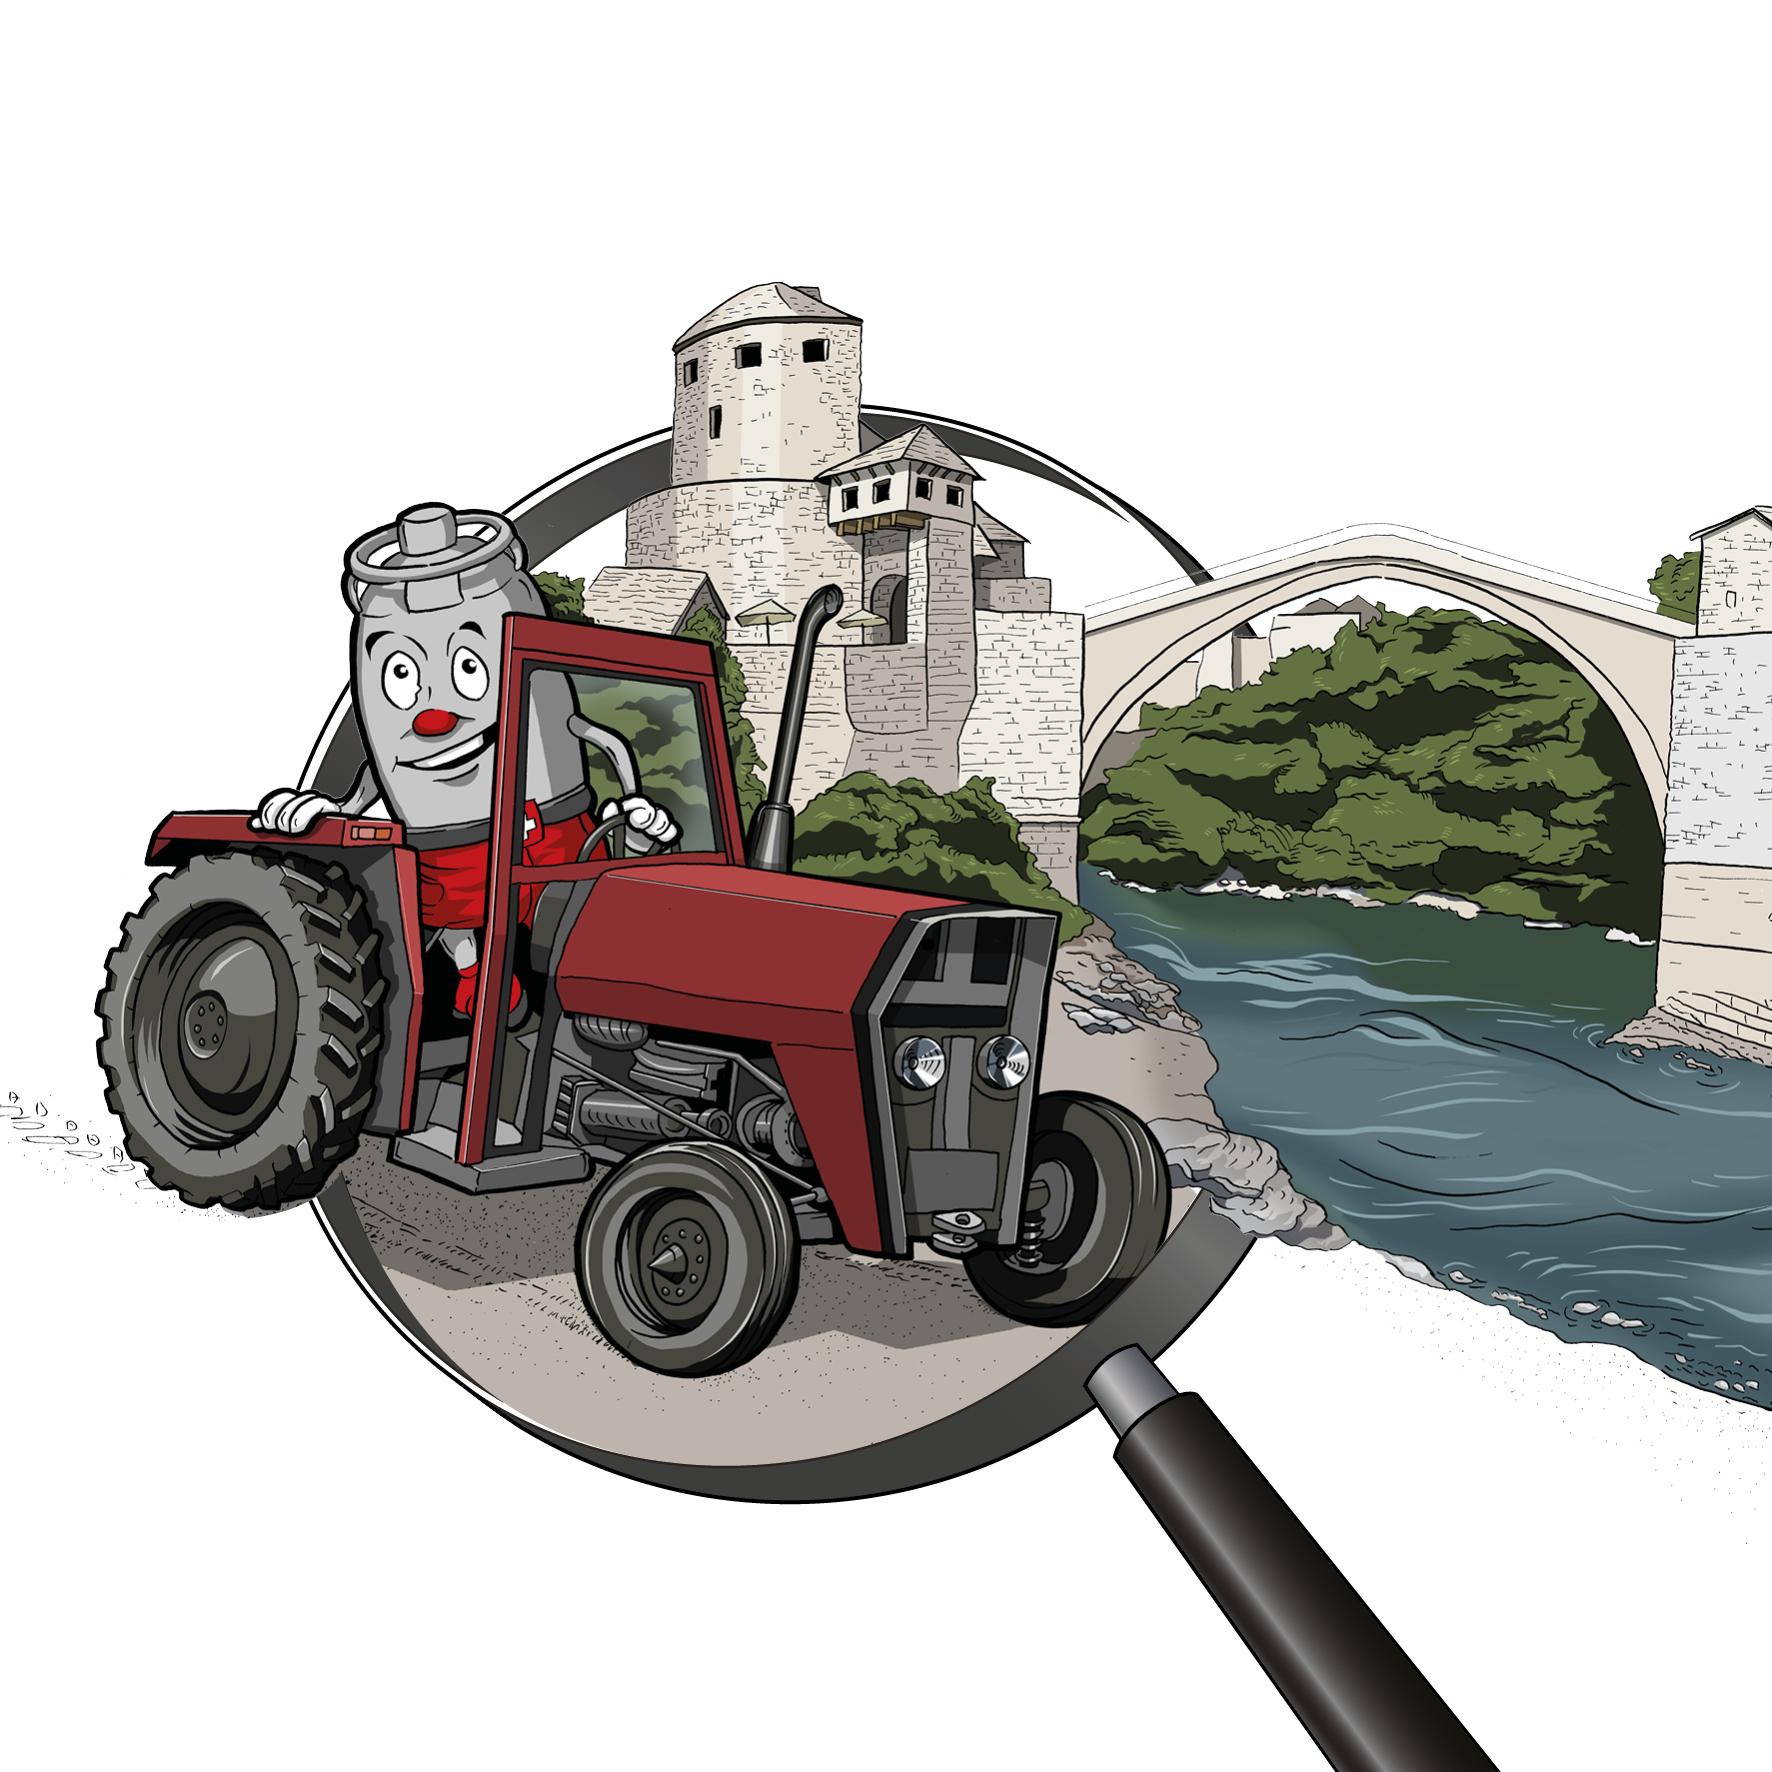 Zeichnung / Illustration: Viti auf einem Traktor vor der Brücke Stari Most in Mostar (Bosnien)